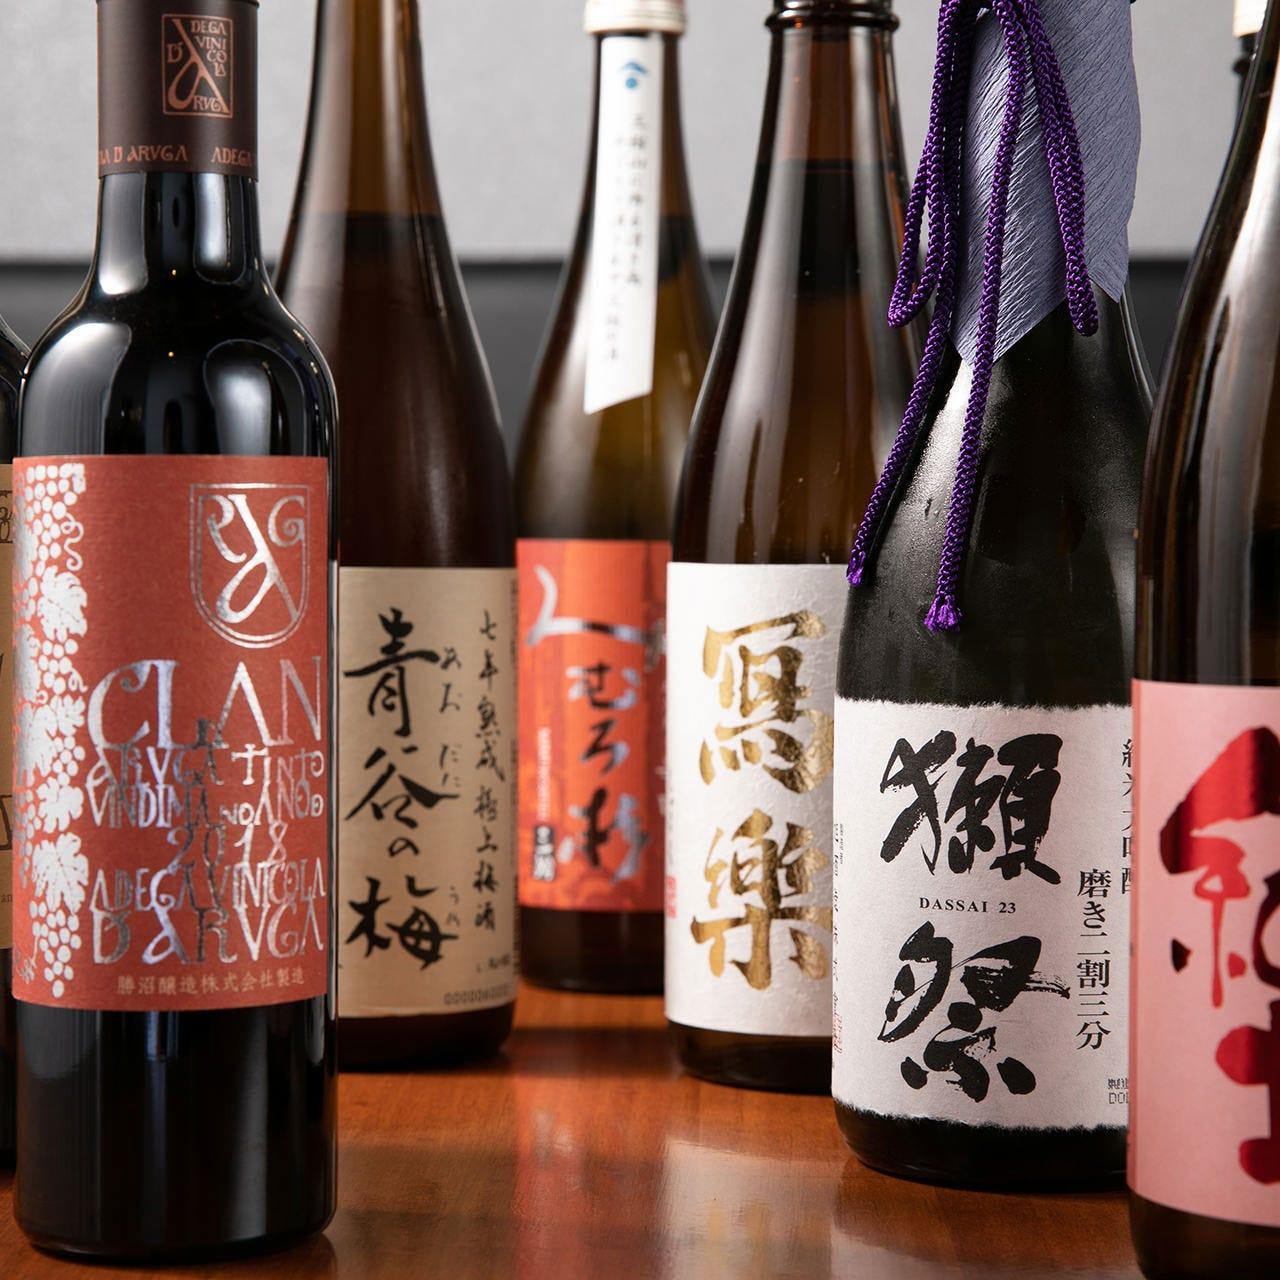 日本酒は人気の銘柄からプレミアムなものまで揃えております